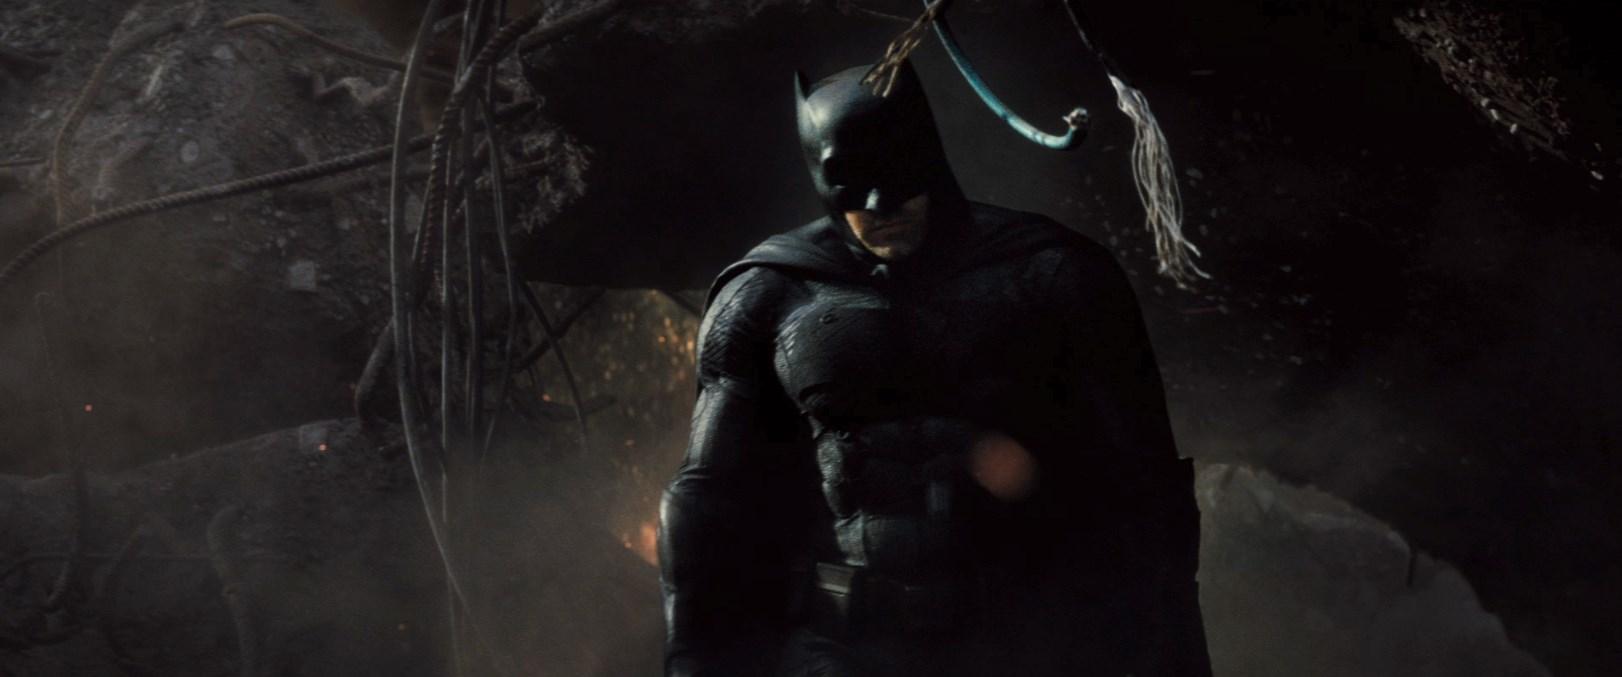 BatAffleck: Já é o melhor Batman em só um trailer!